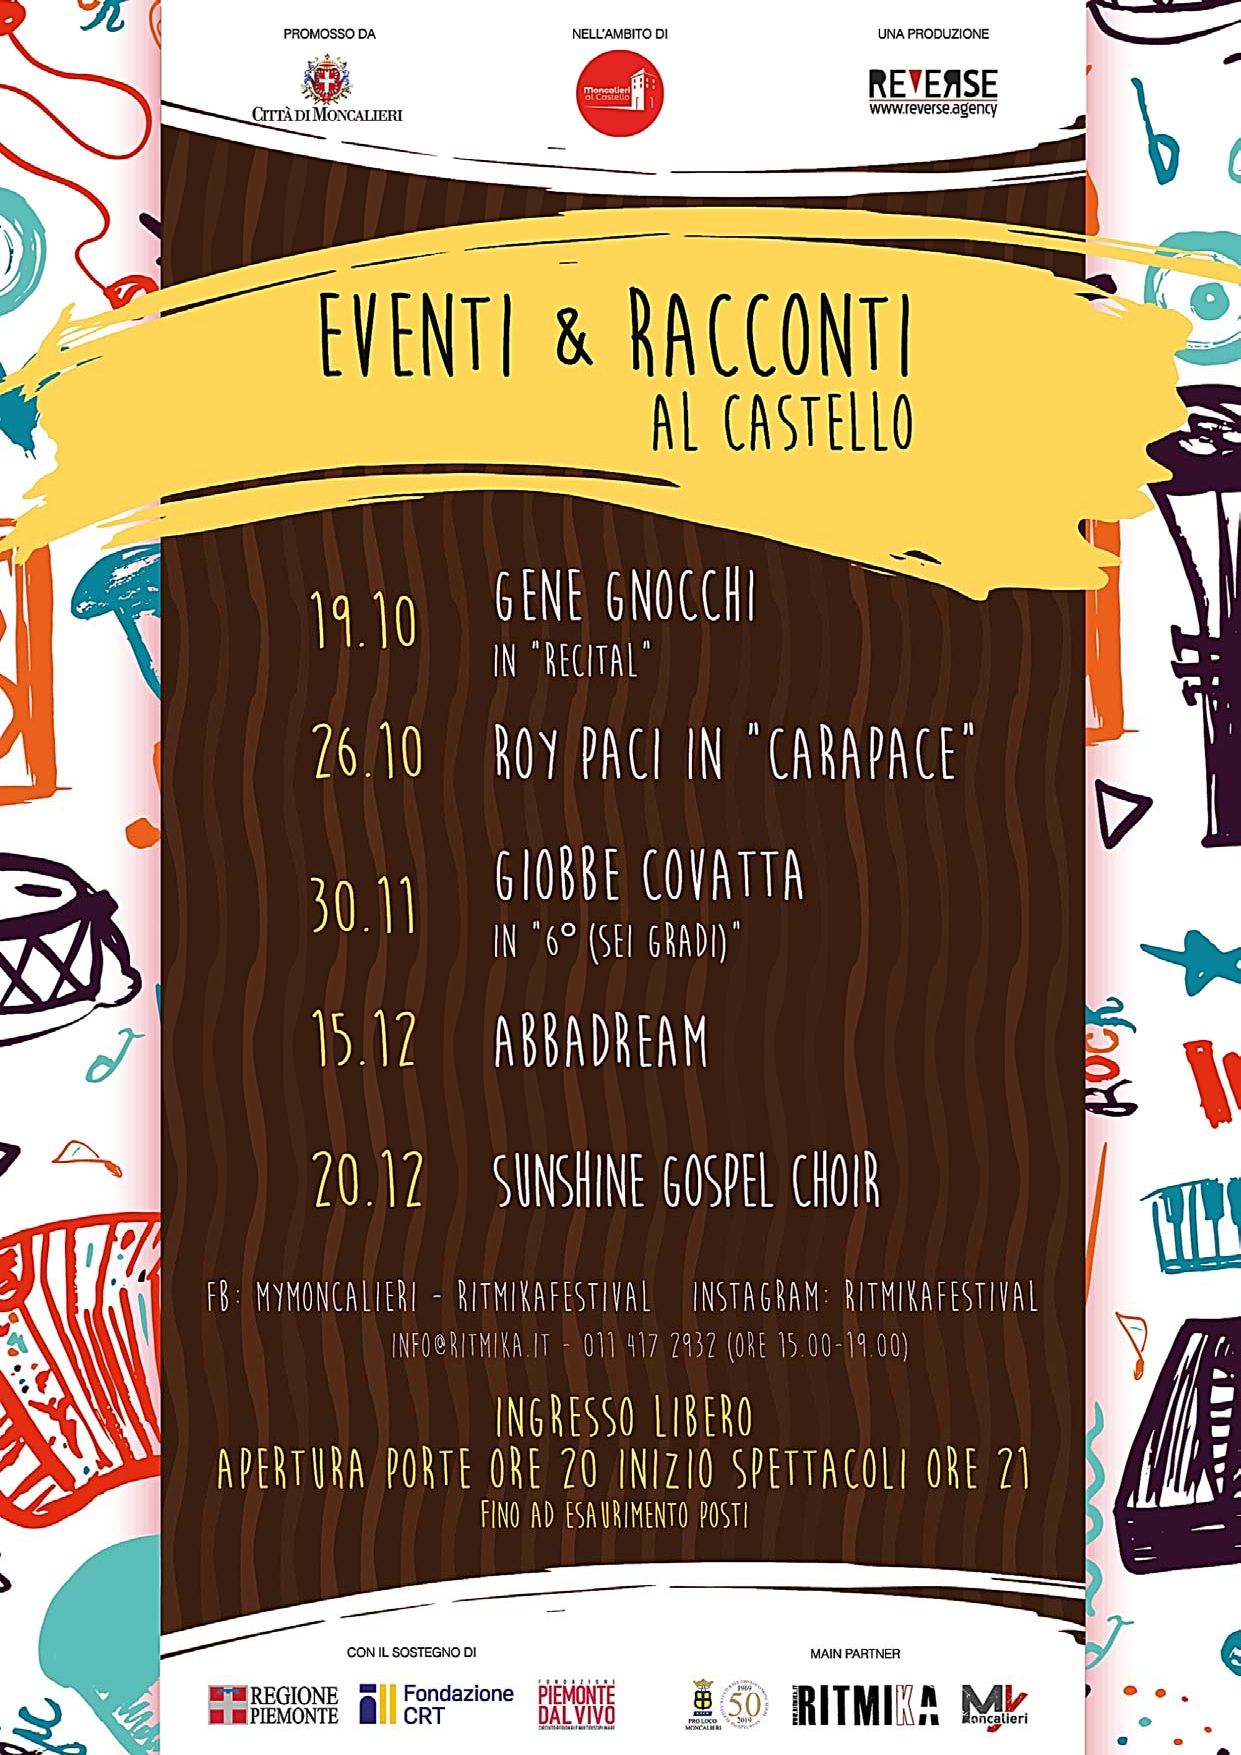 EVENTI & RACCONTI AL CASTELLO - Abbadream